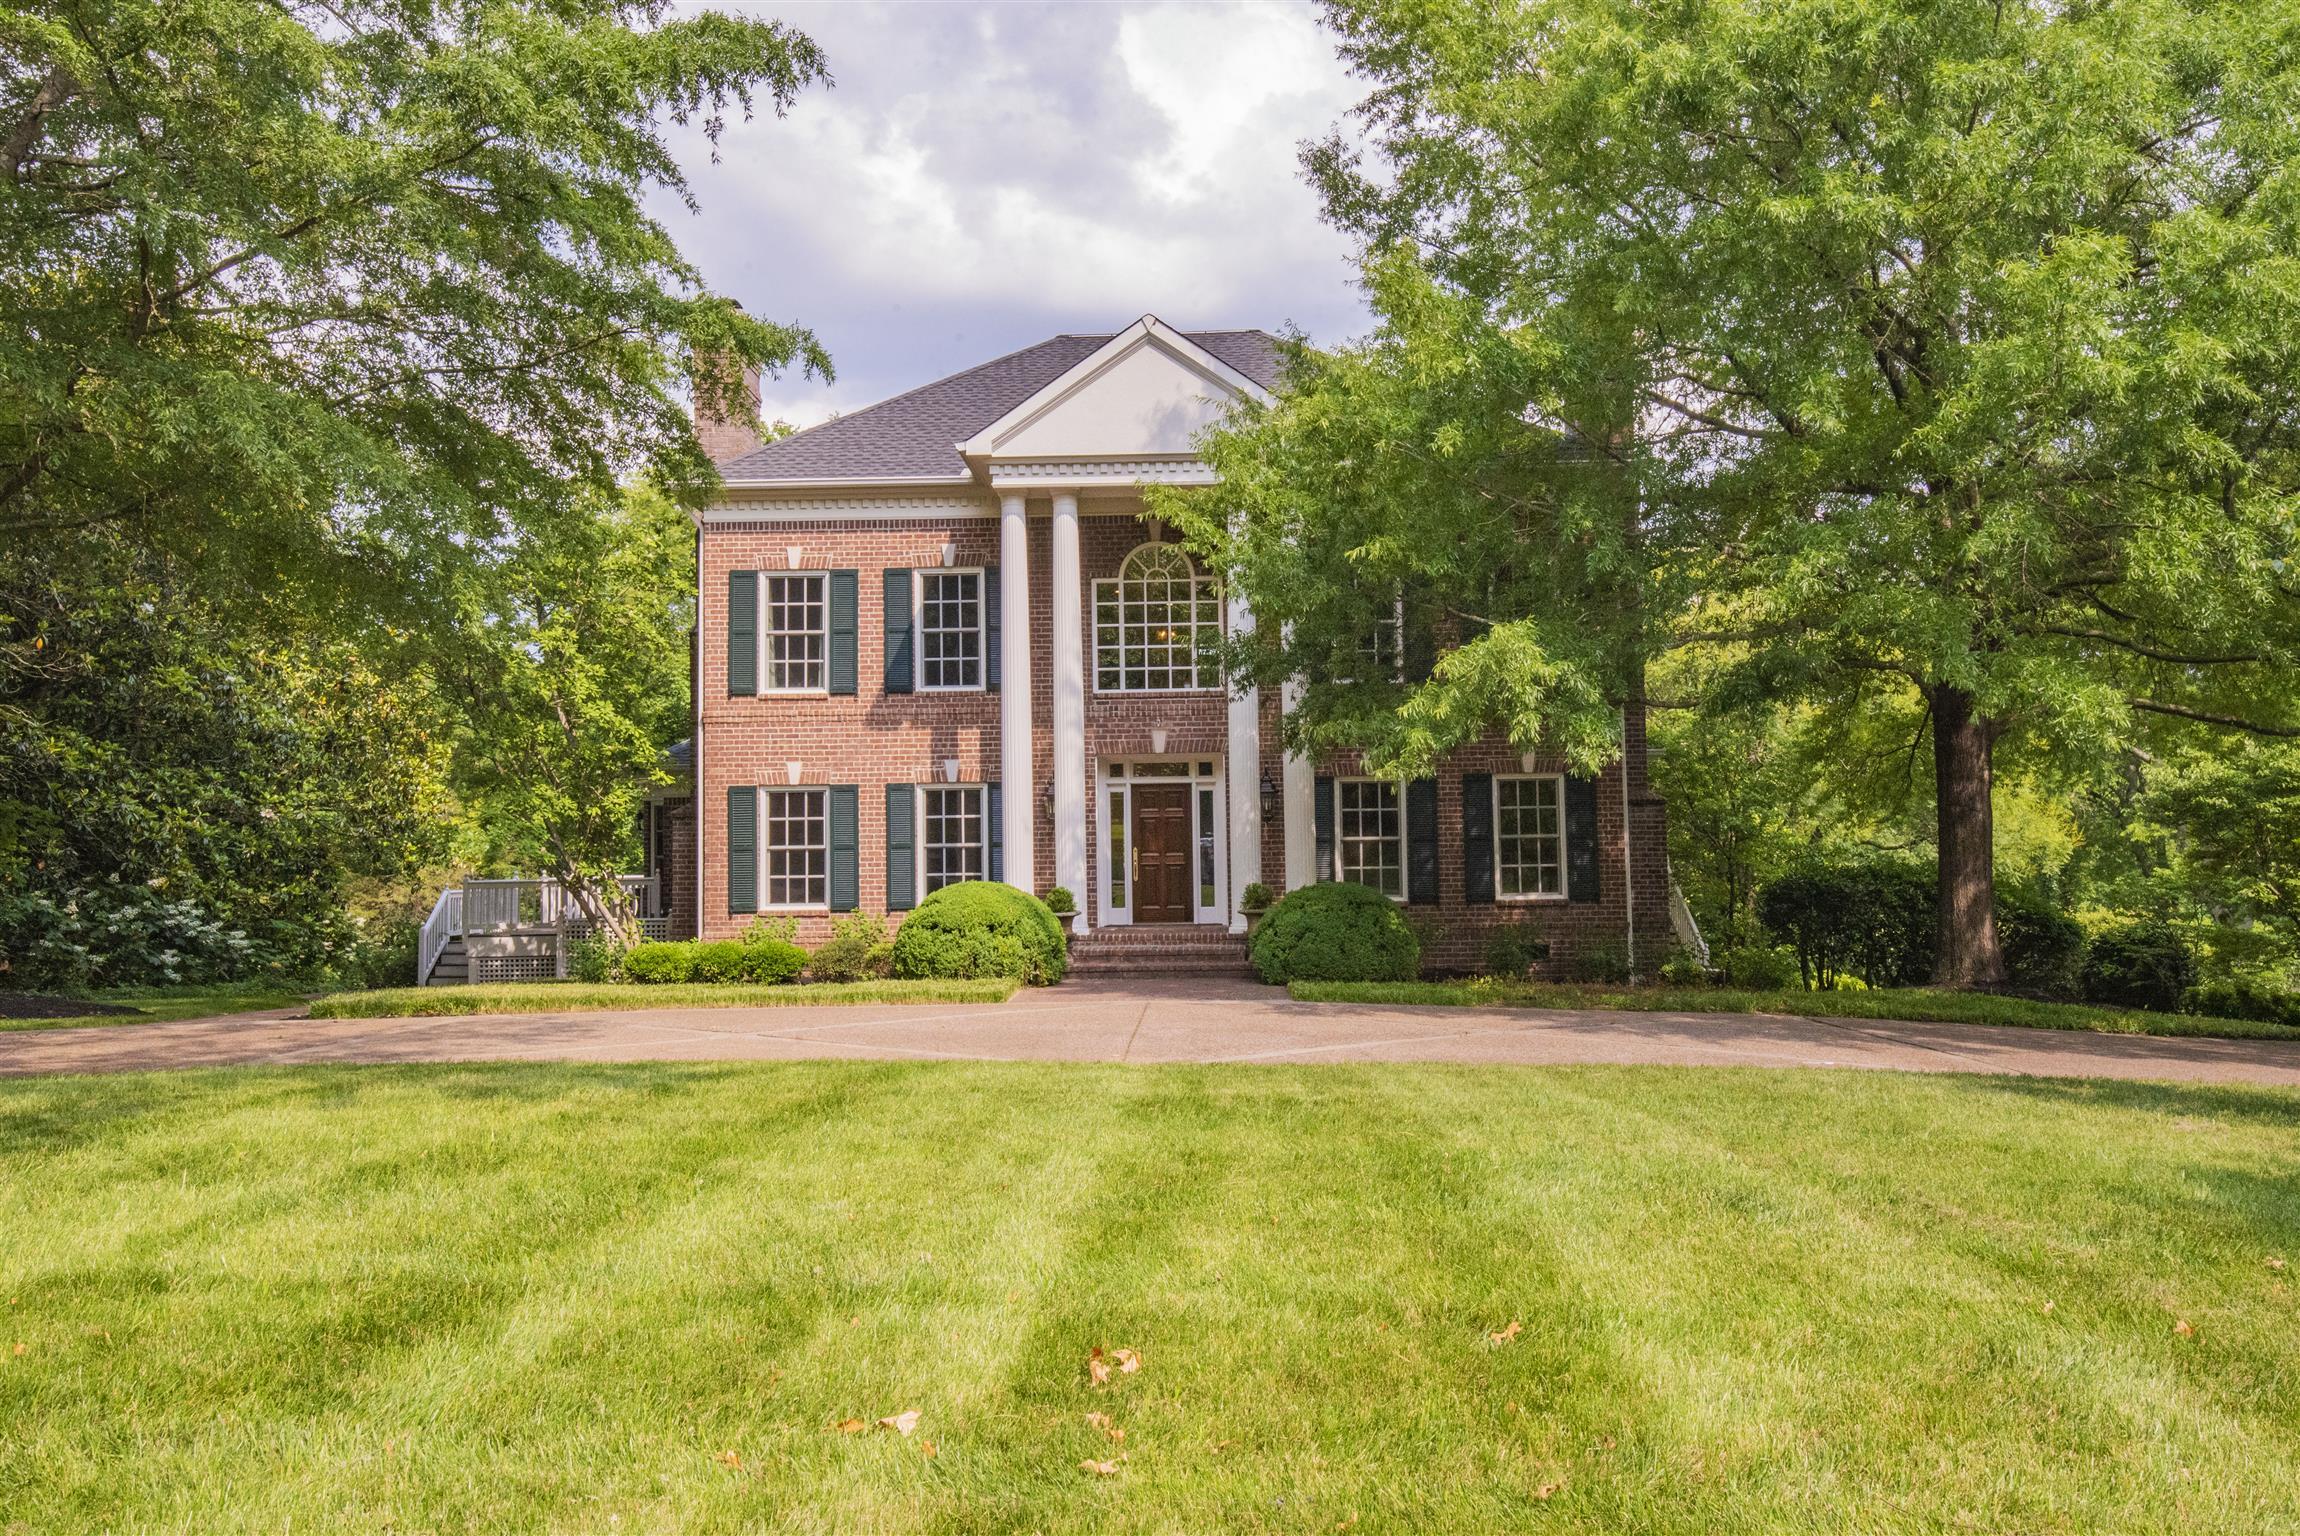 2711 Shannon Dr, Murfreesboro, TN 37129 - Murfreesboro, TN real estate listing